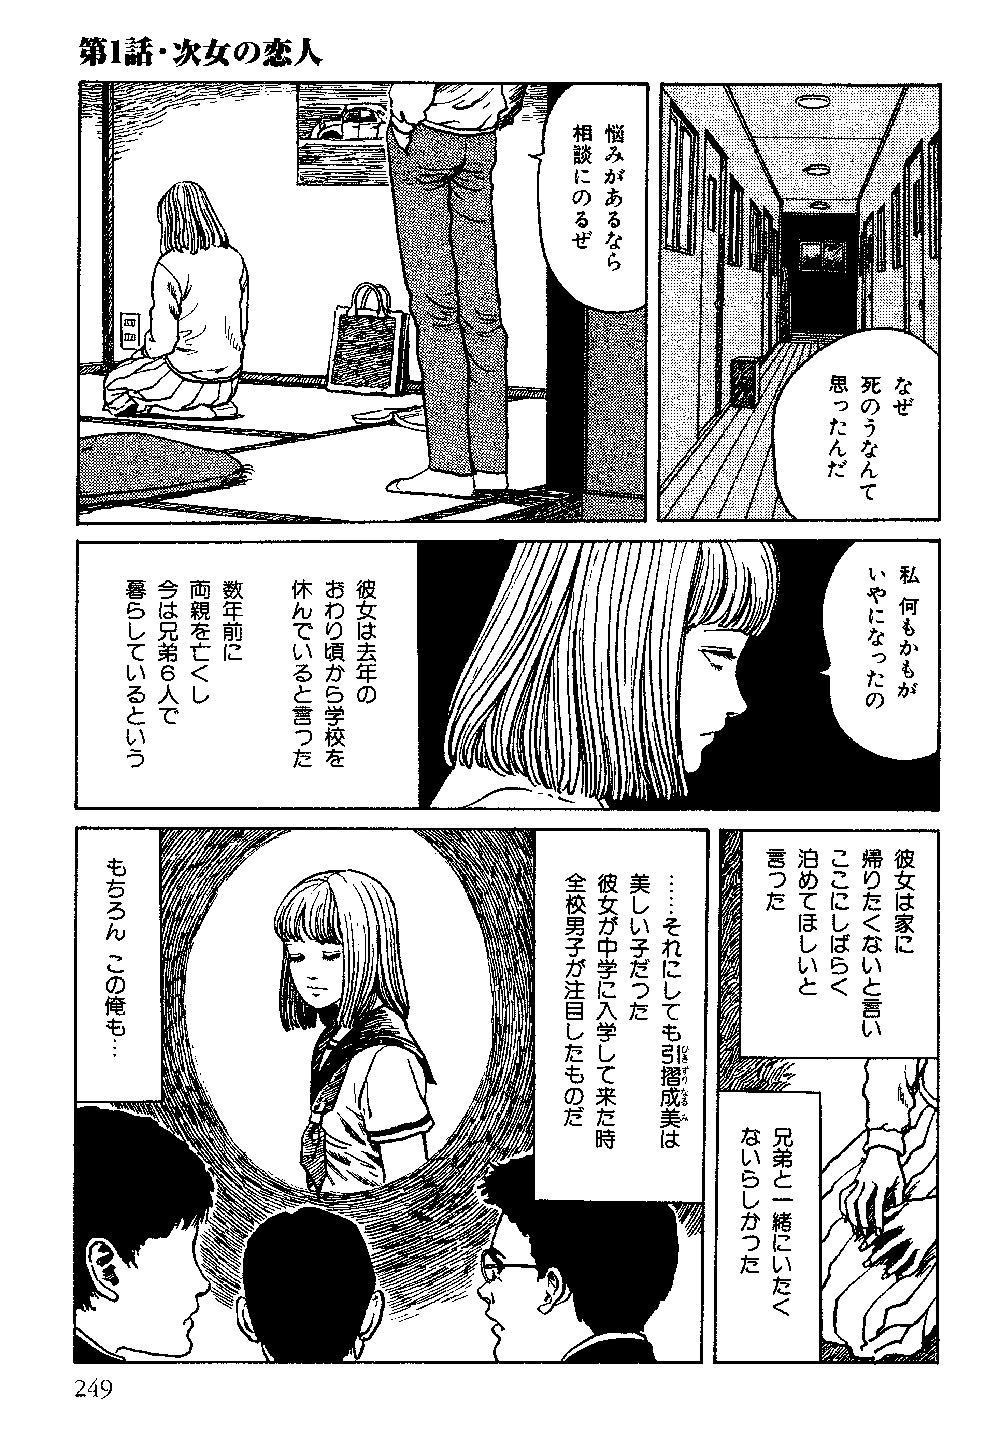 itouj_0004_0251.jpg